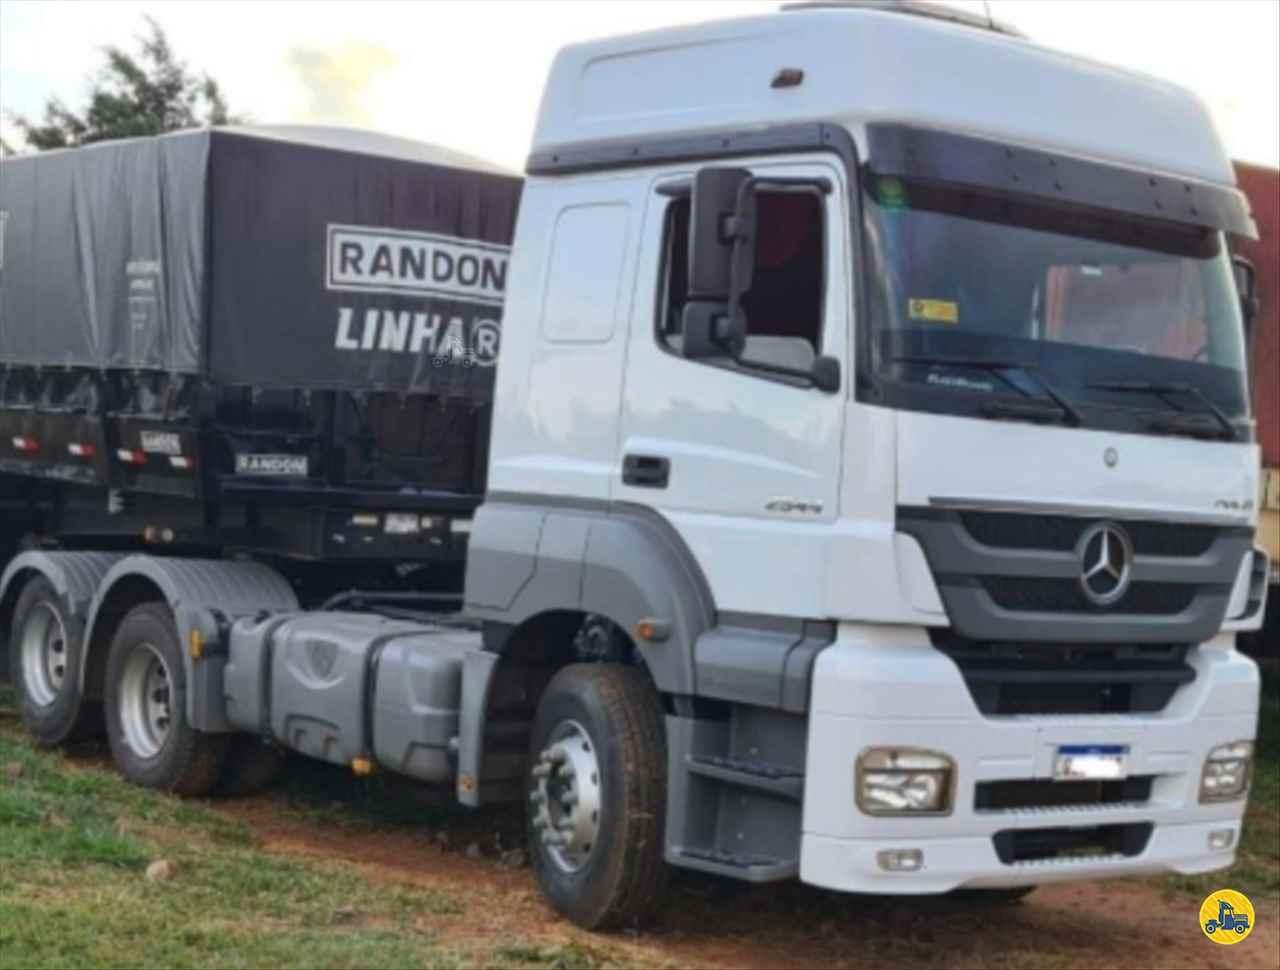 CAMINHAO MERCEDES-BENZ MB 2544 Cavalo Mecânico Traçado 6x4 Rodrigo Caminhões CAMPO GRANDE MATO GROSSO DO SUL MS